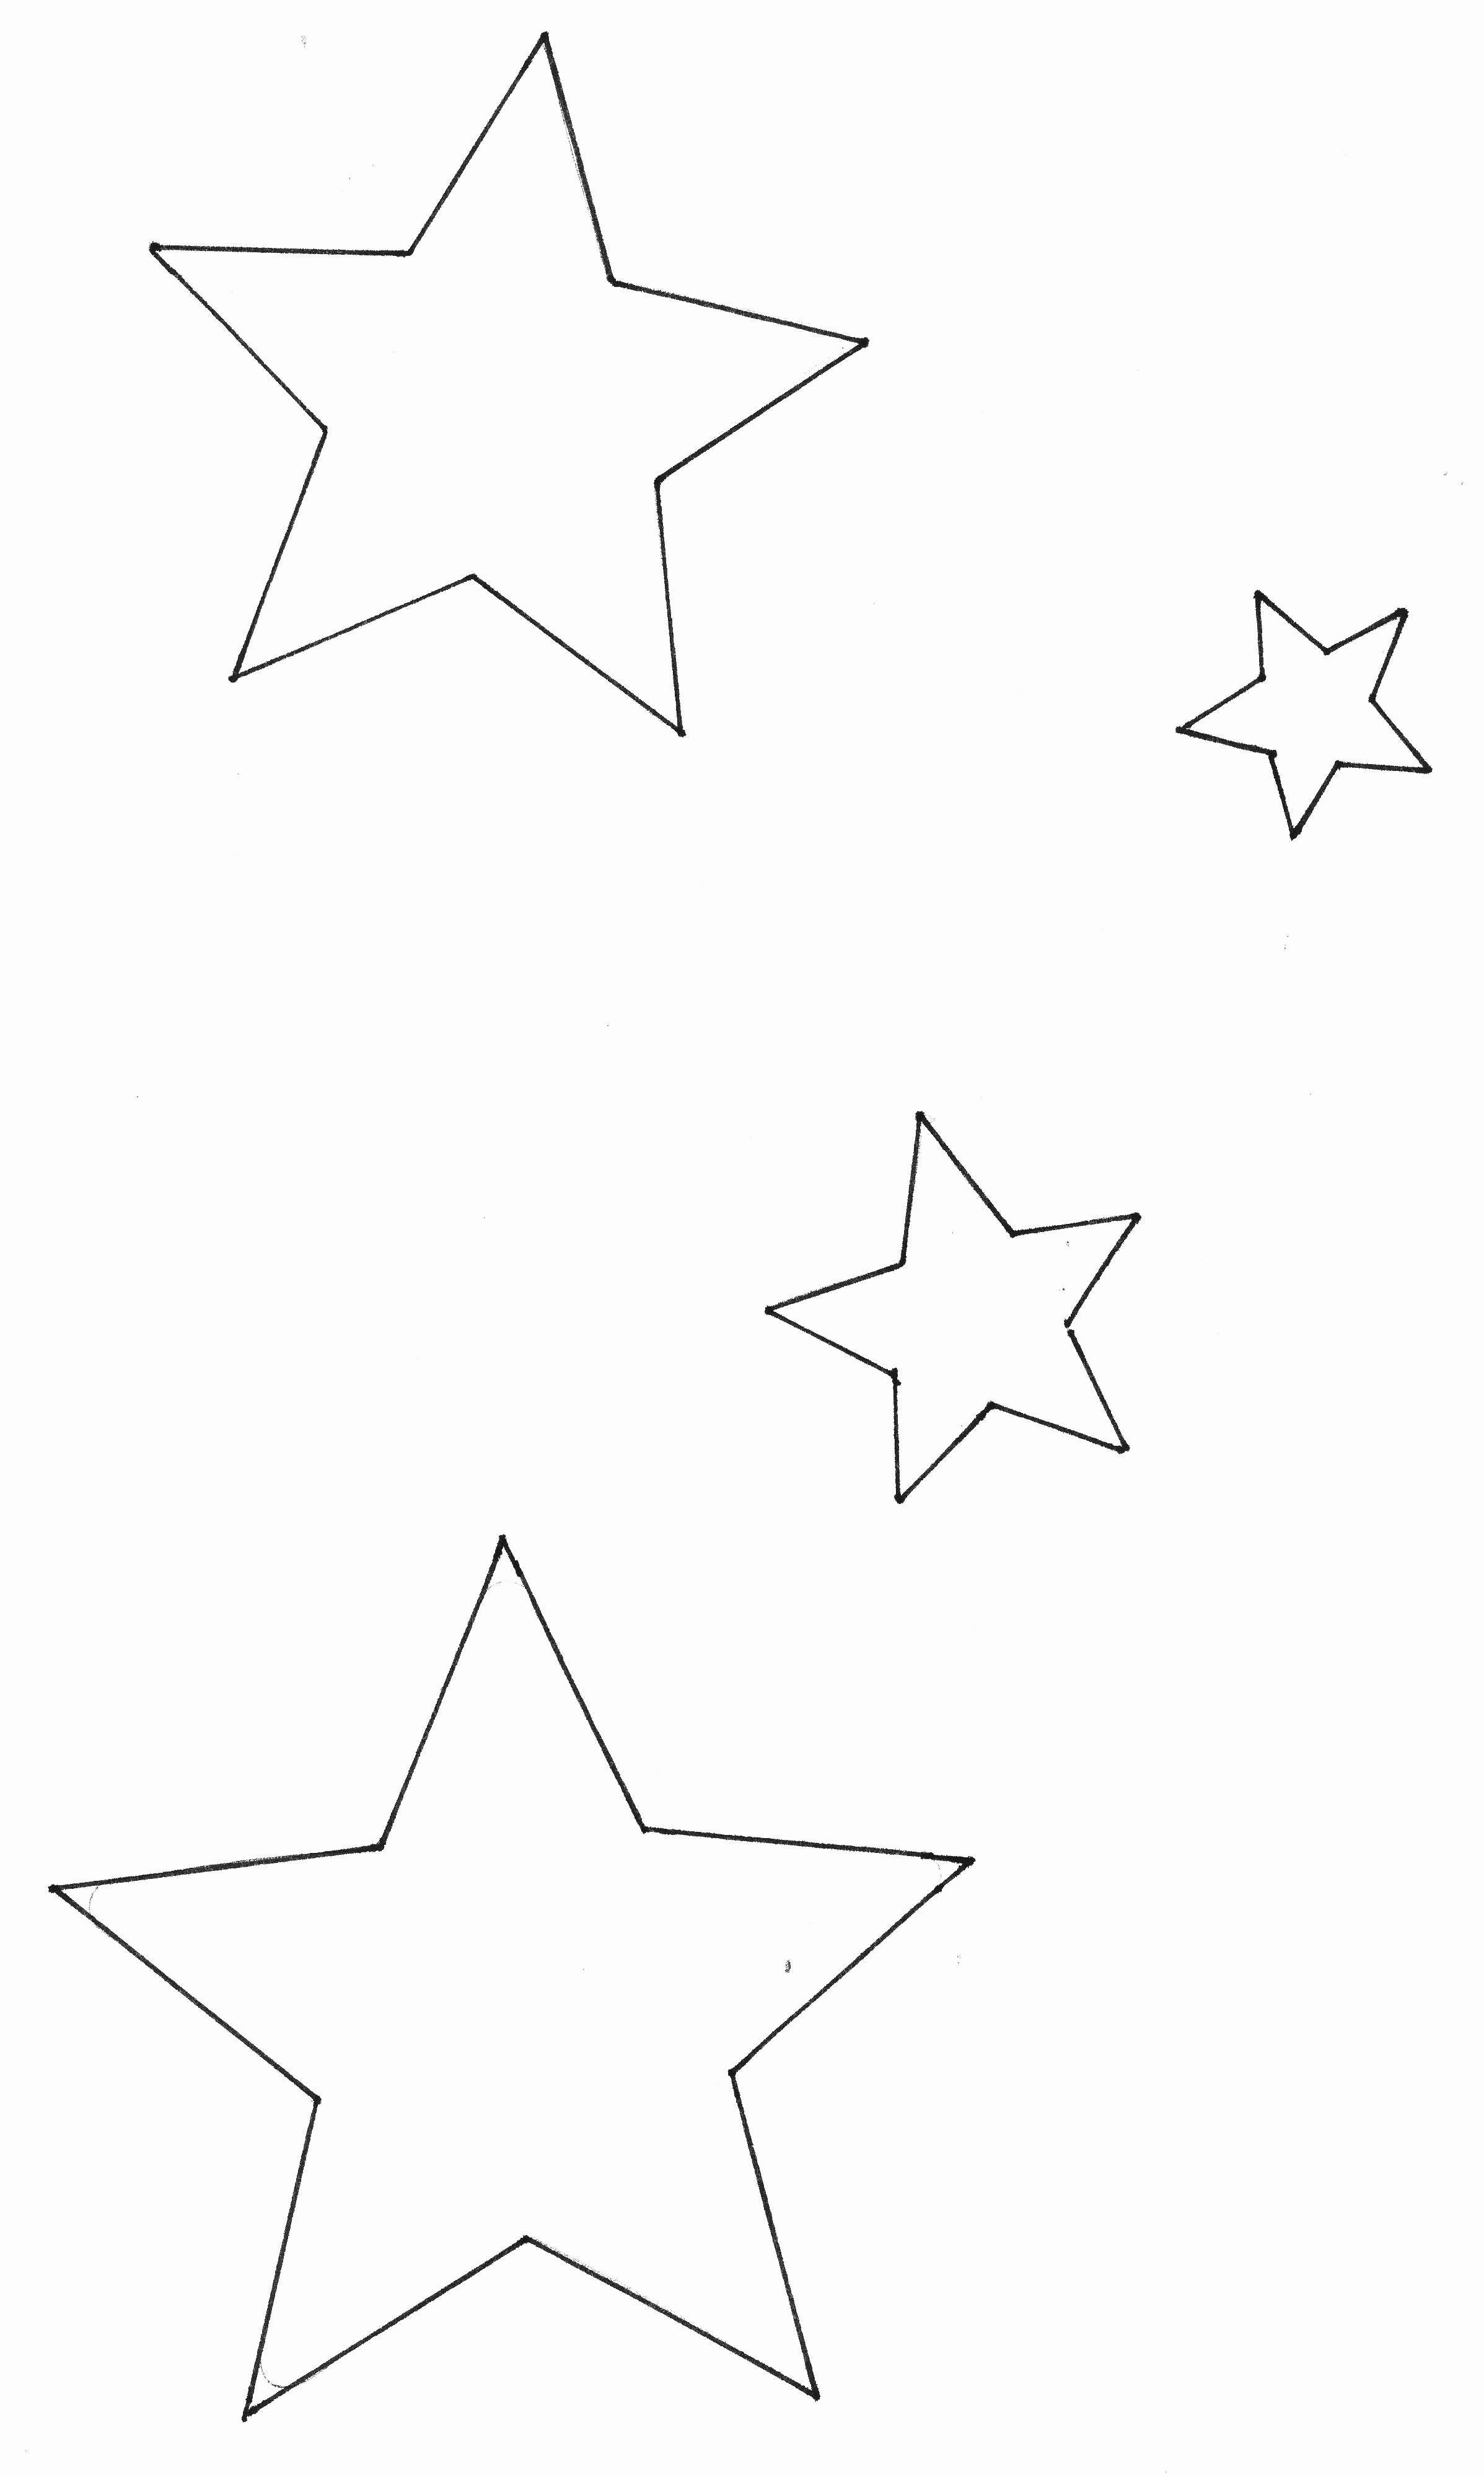 Ausmalbilder Sterne Das Beste Von Sterne Zeichnen Vorlagen Beispiele Für Bilder Malvorlagen Igel Fotografieren